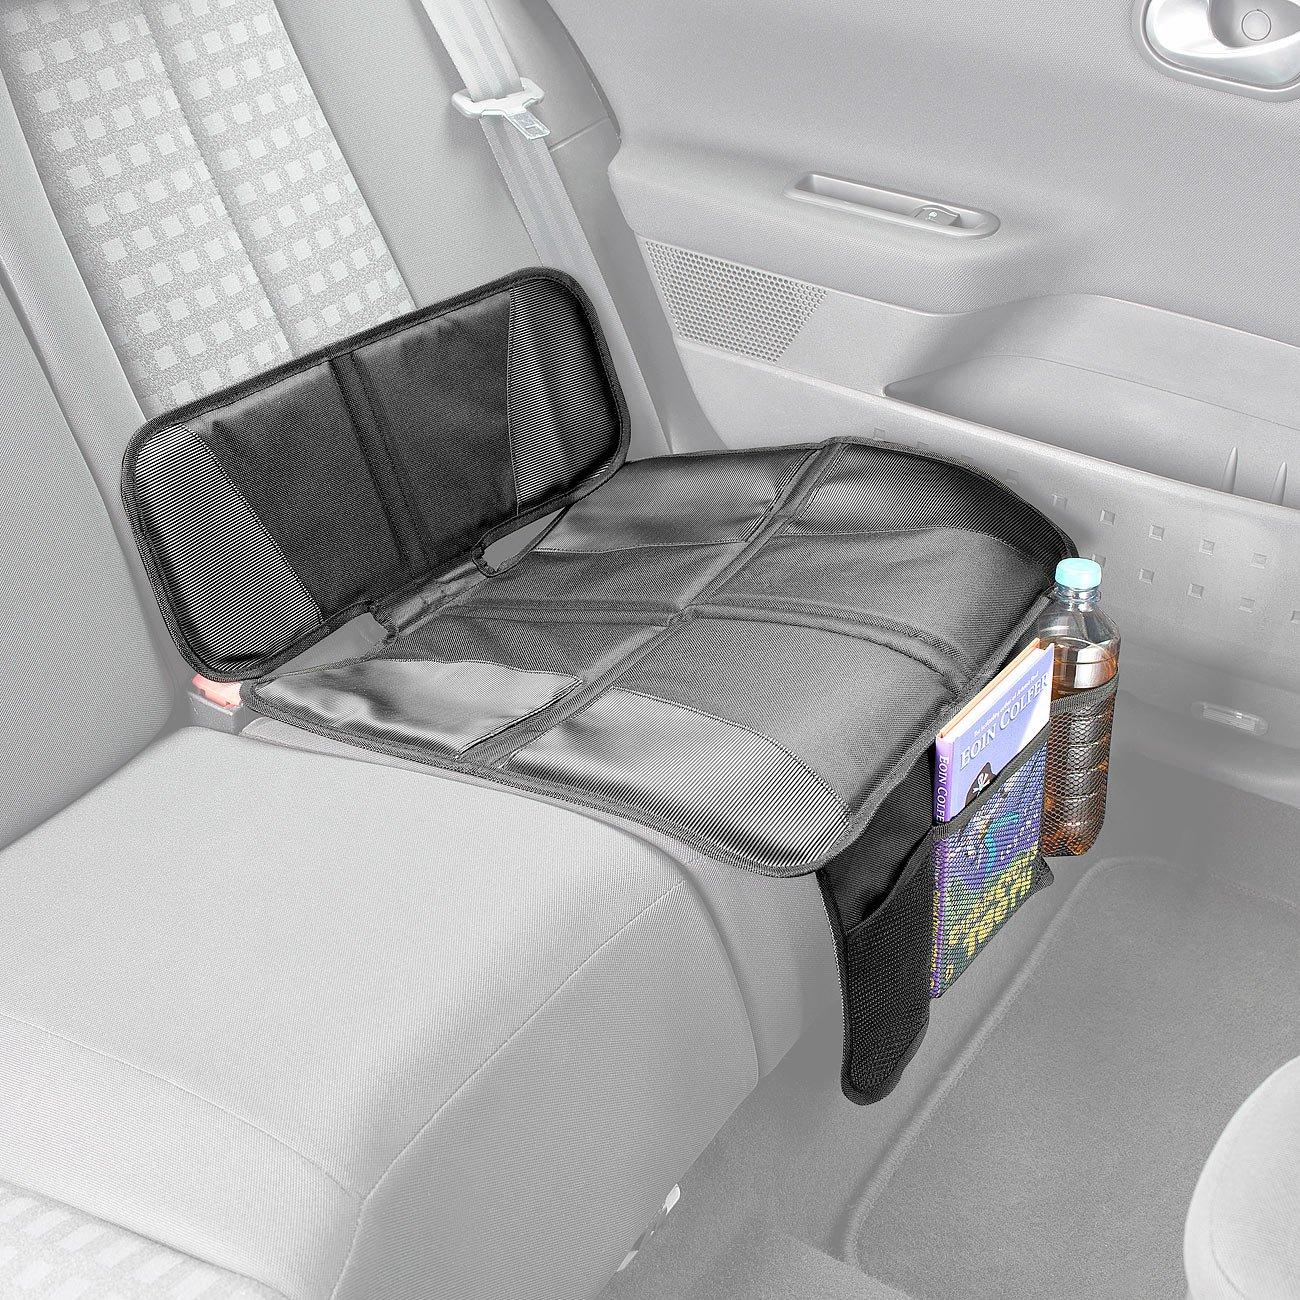 Schutzfolie Autositz Rückenlehne Kindersitz Schutz für Sitzlehne